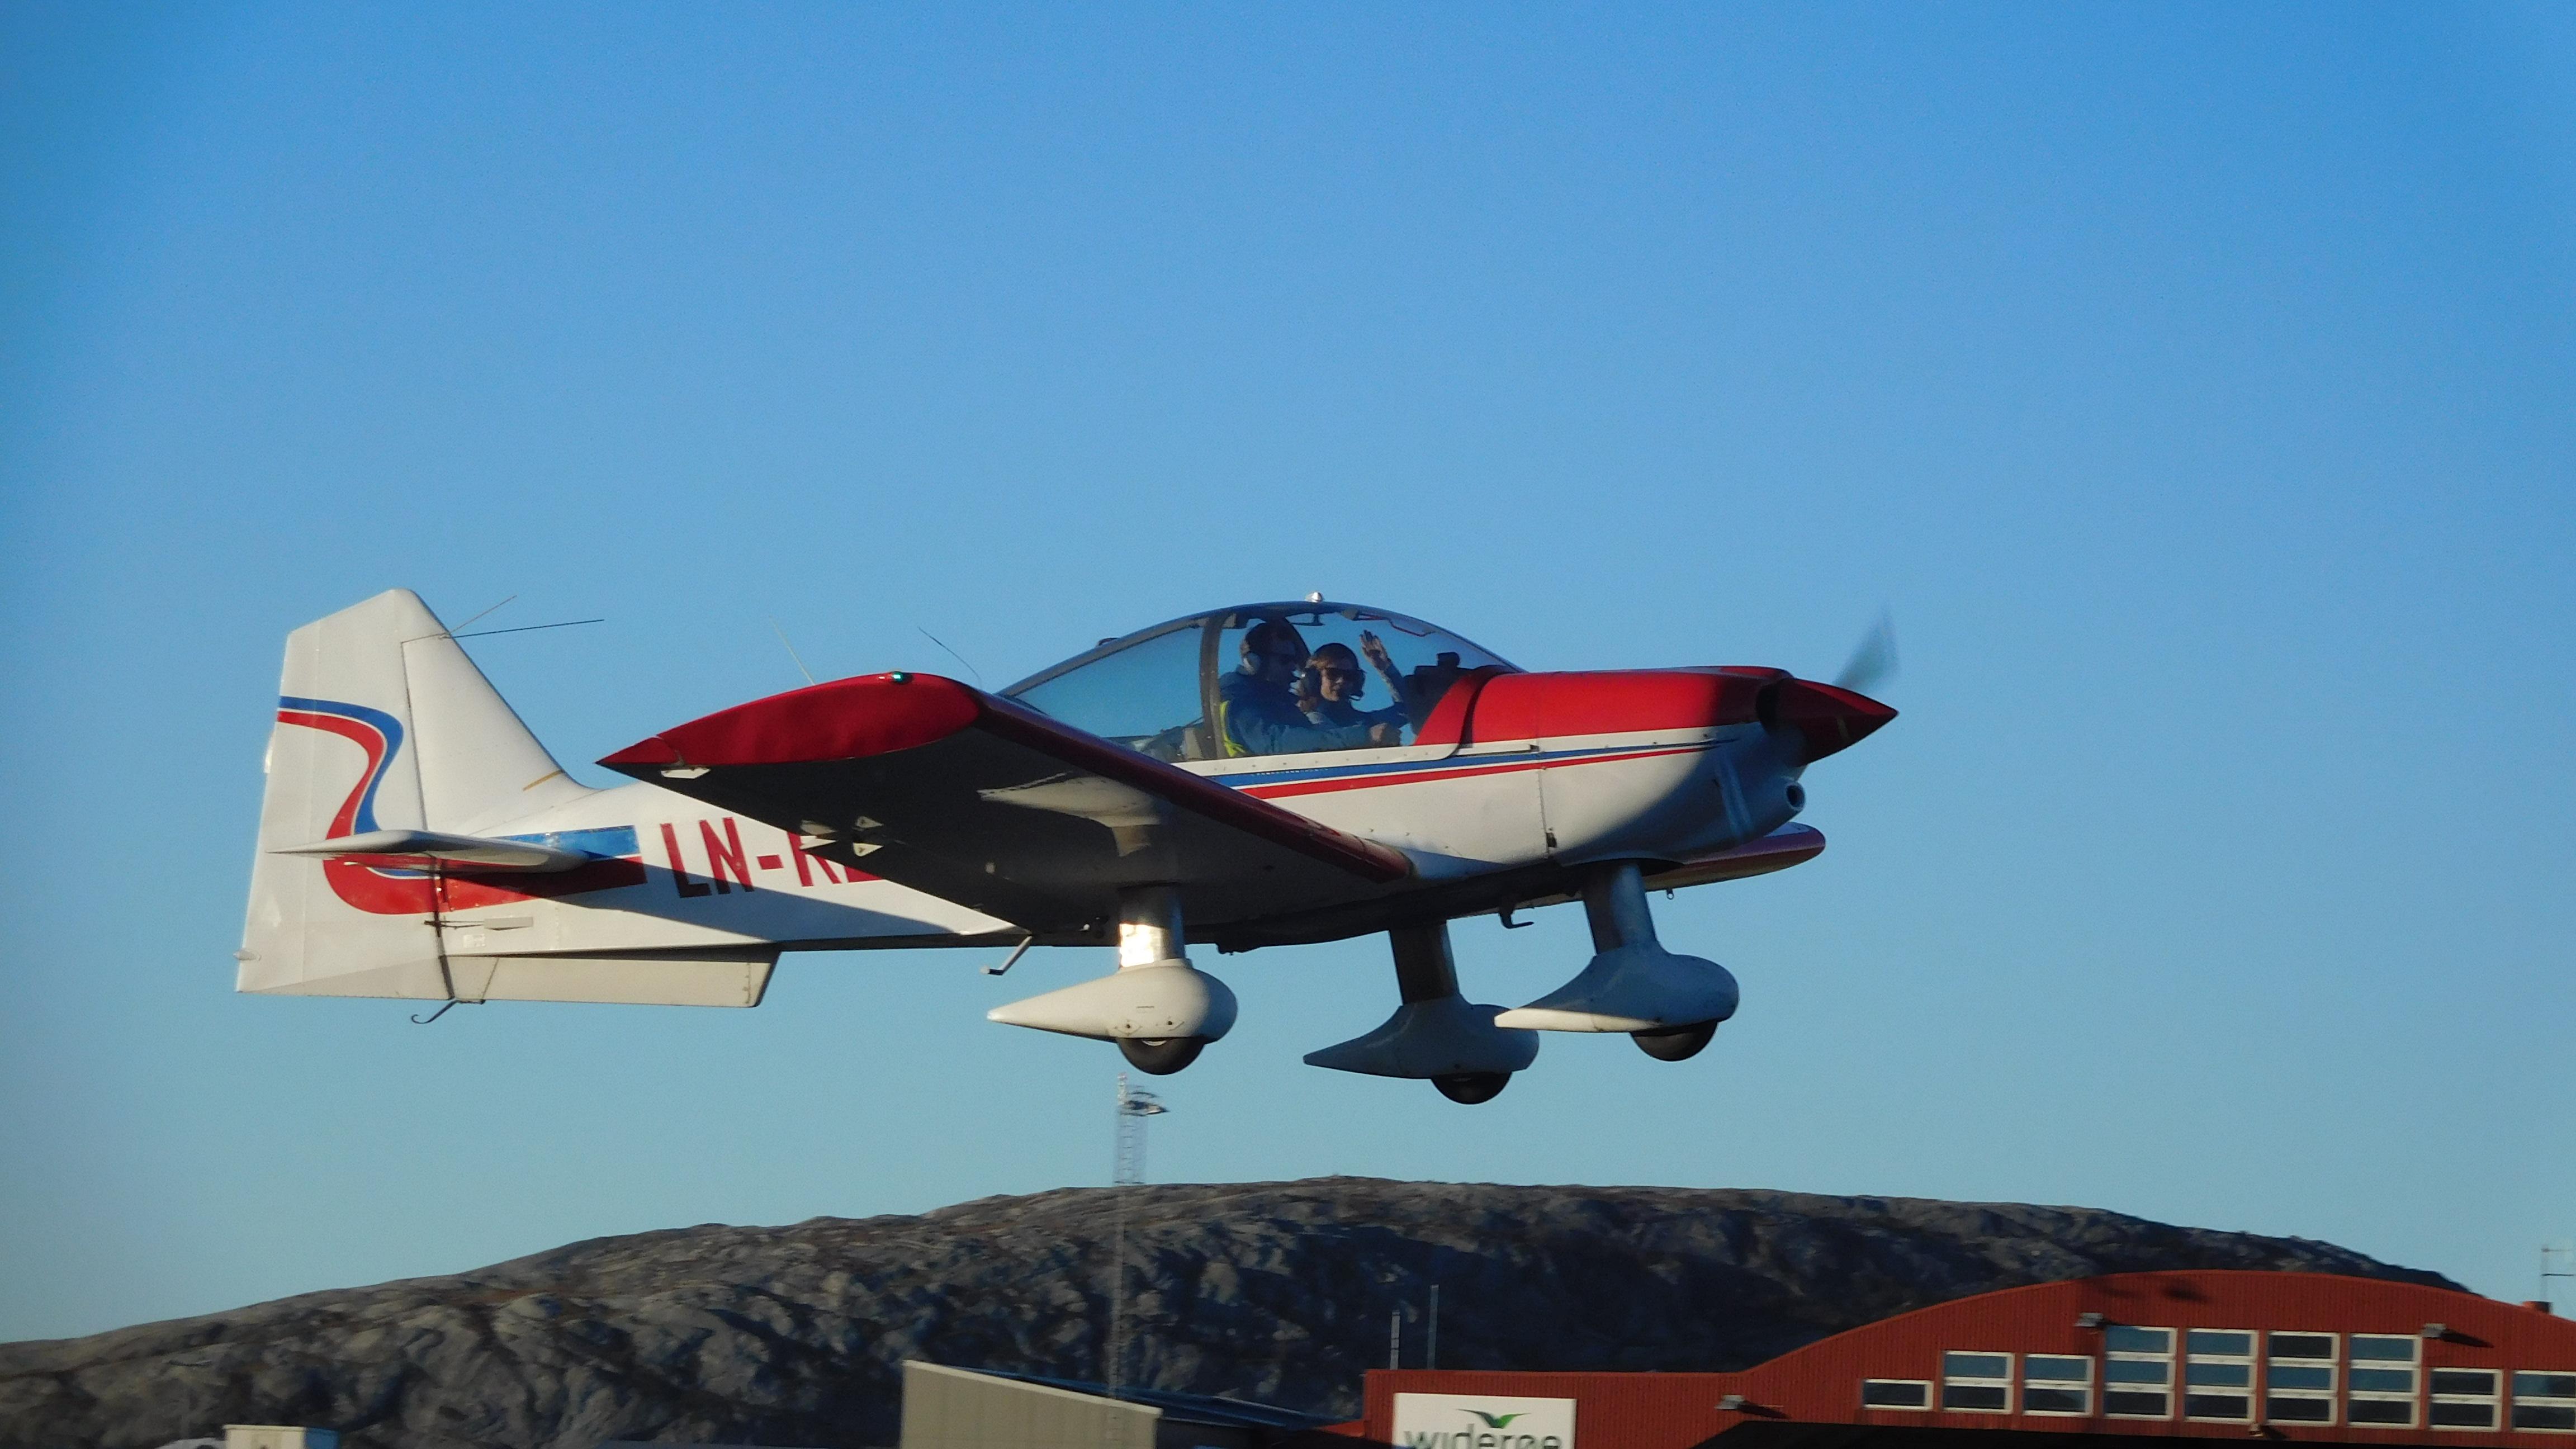 Landingskonkurranse